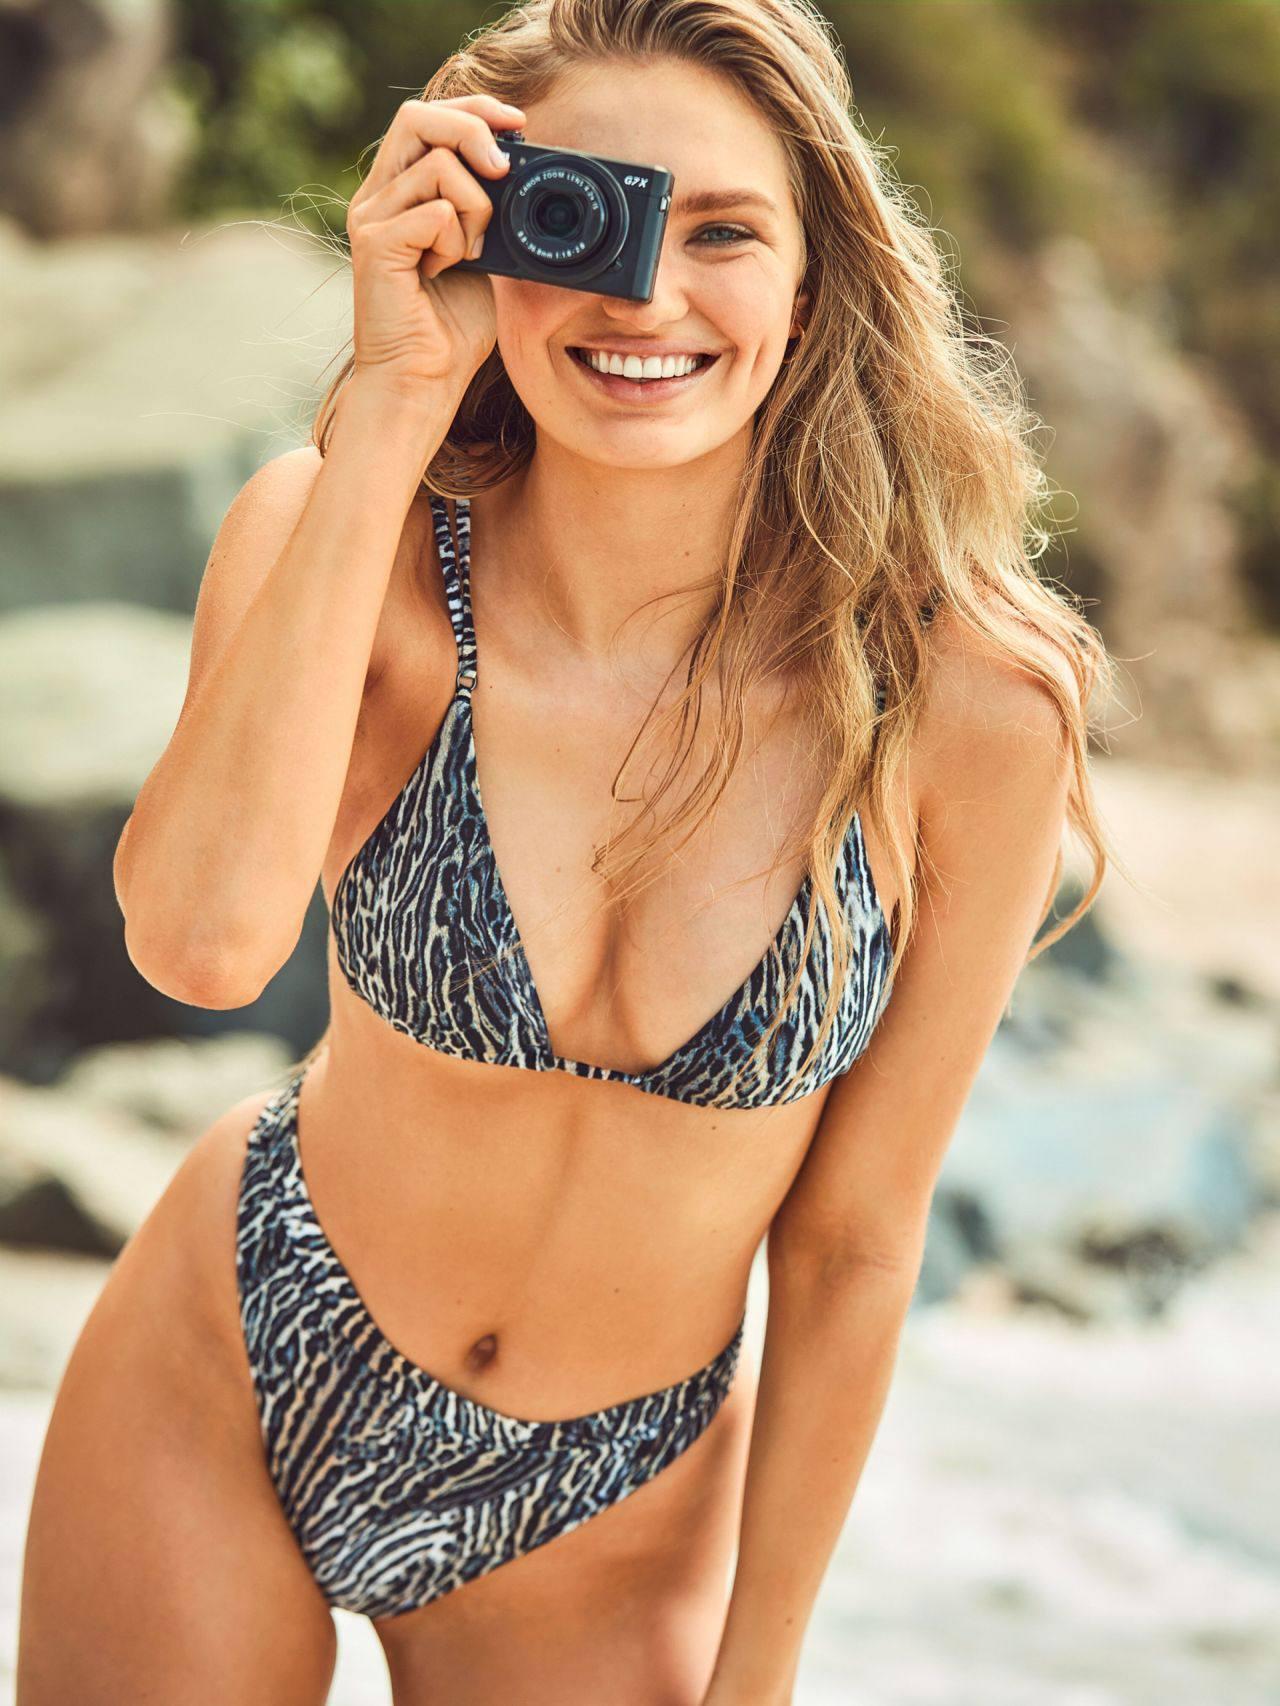 Romee Strijd Sexy Bikini Body